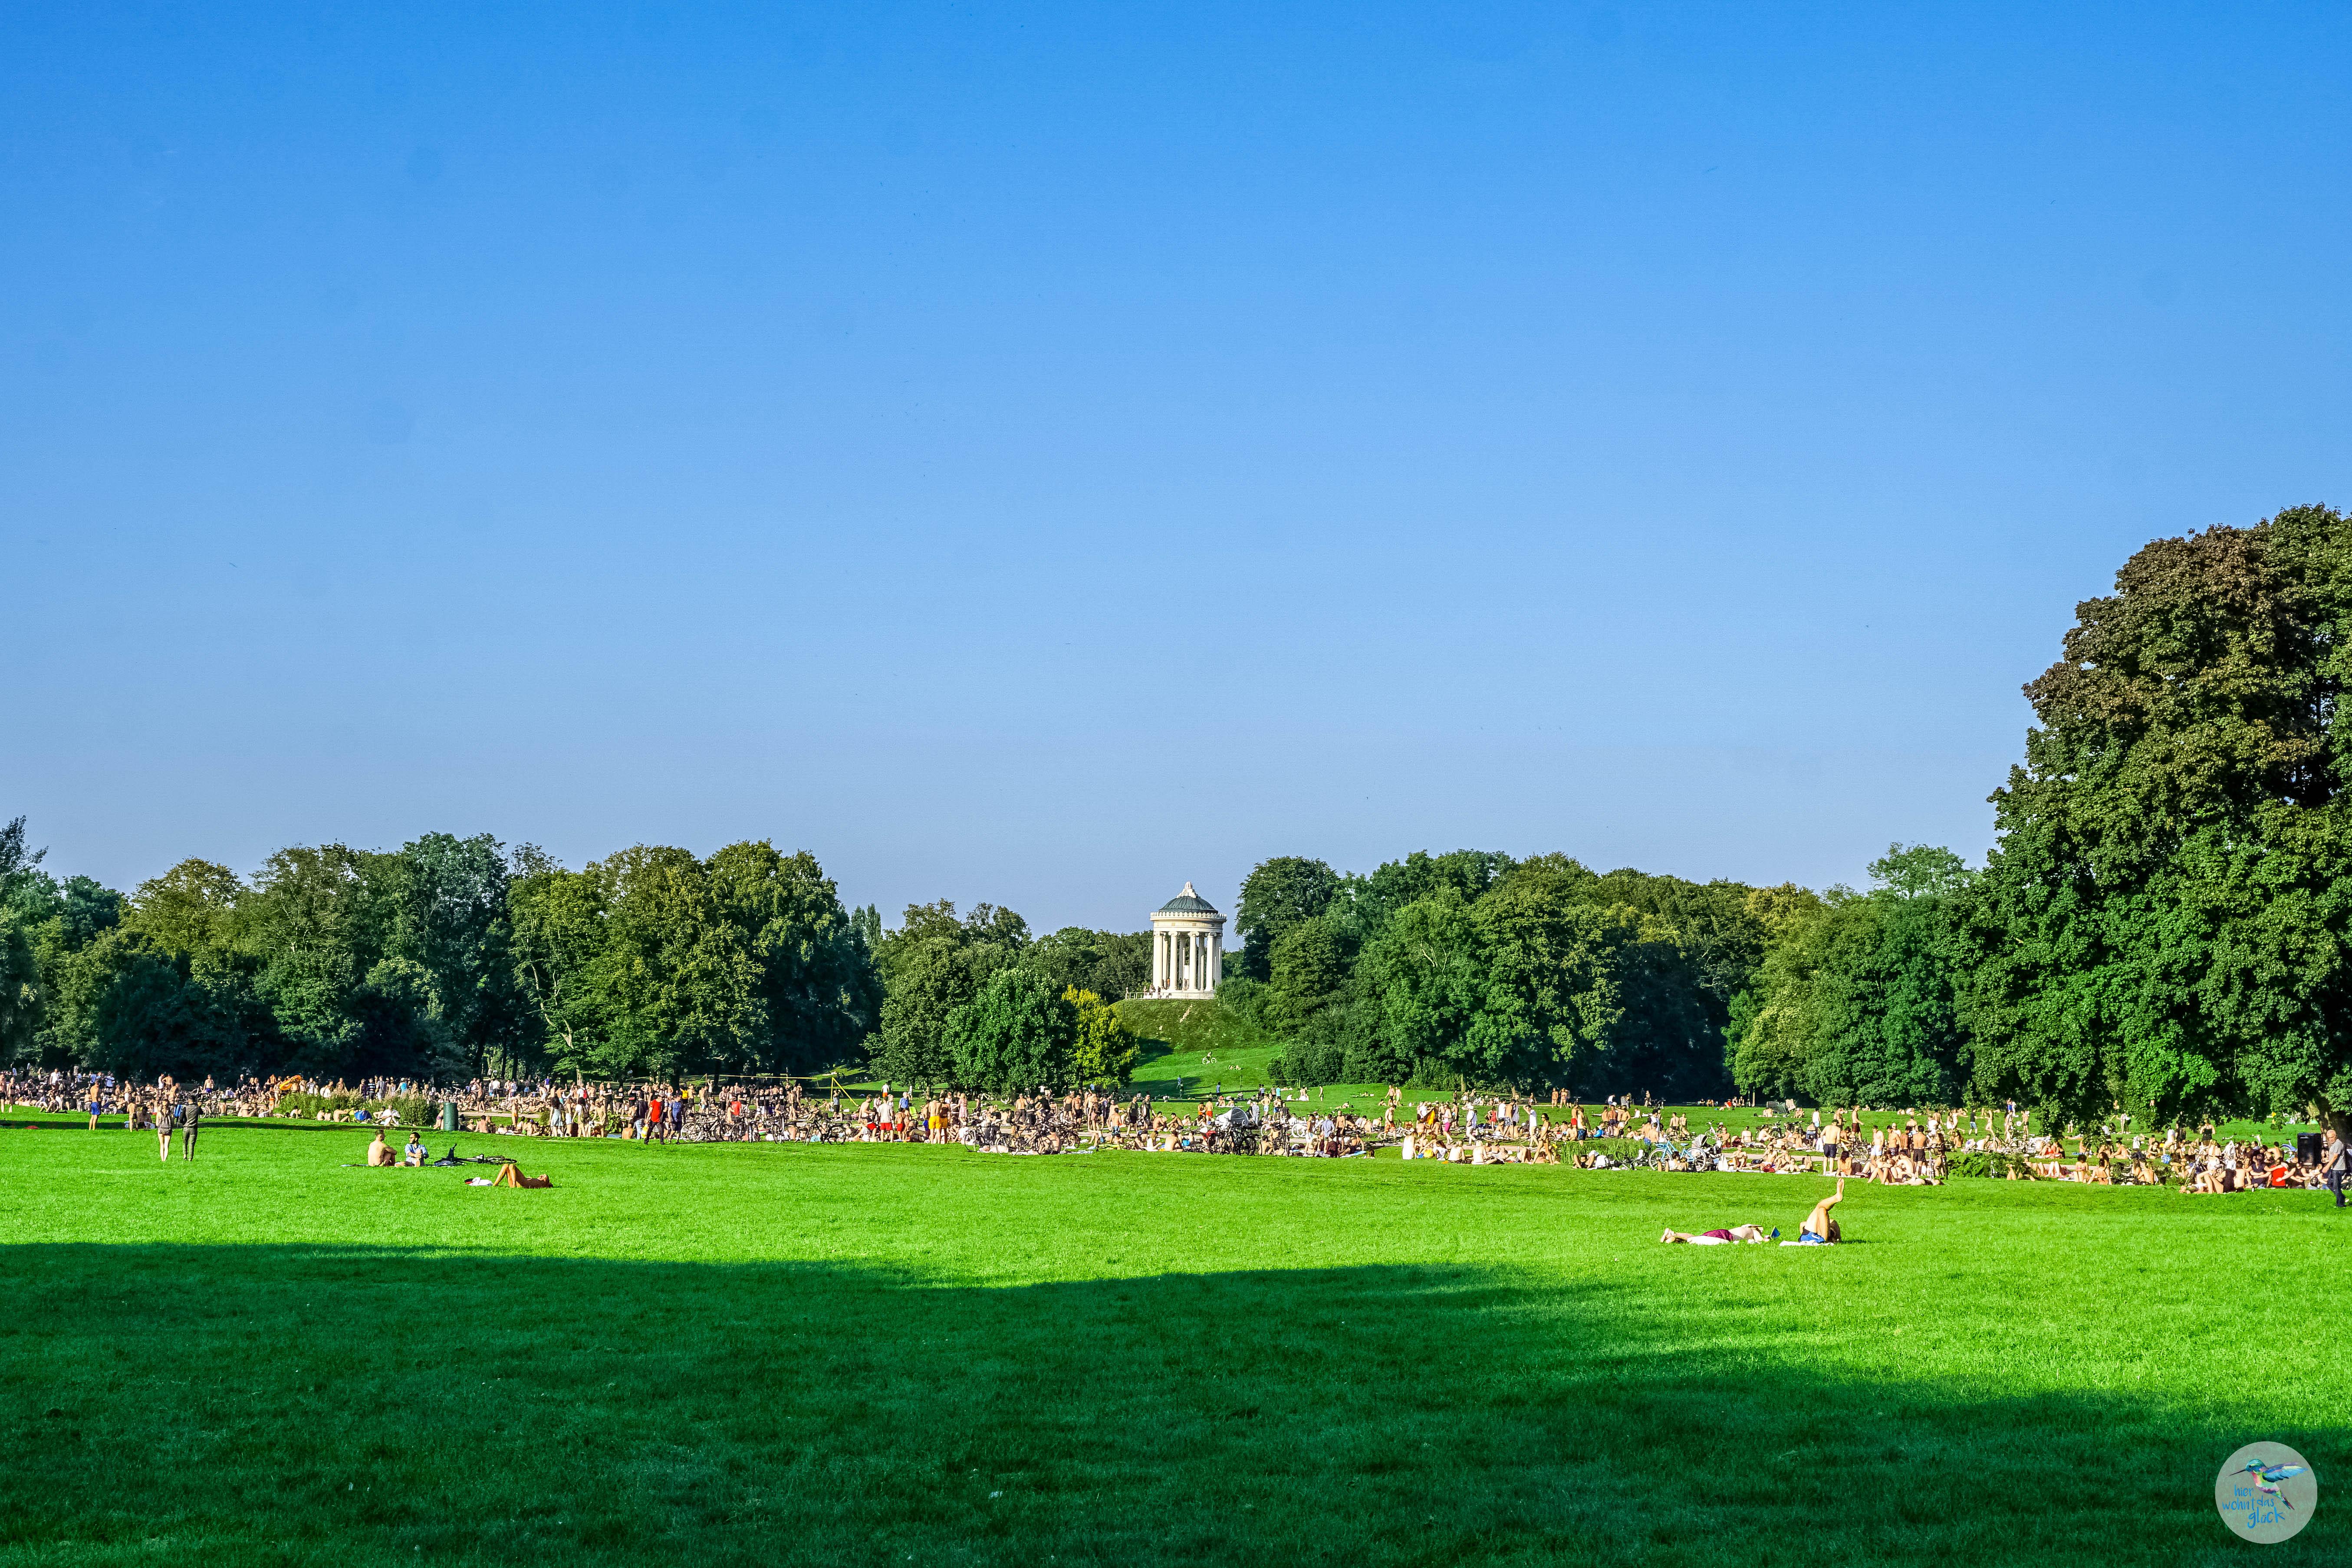 Der Englische Garten ist beliebter Treffpunkt in München